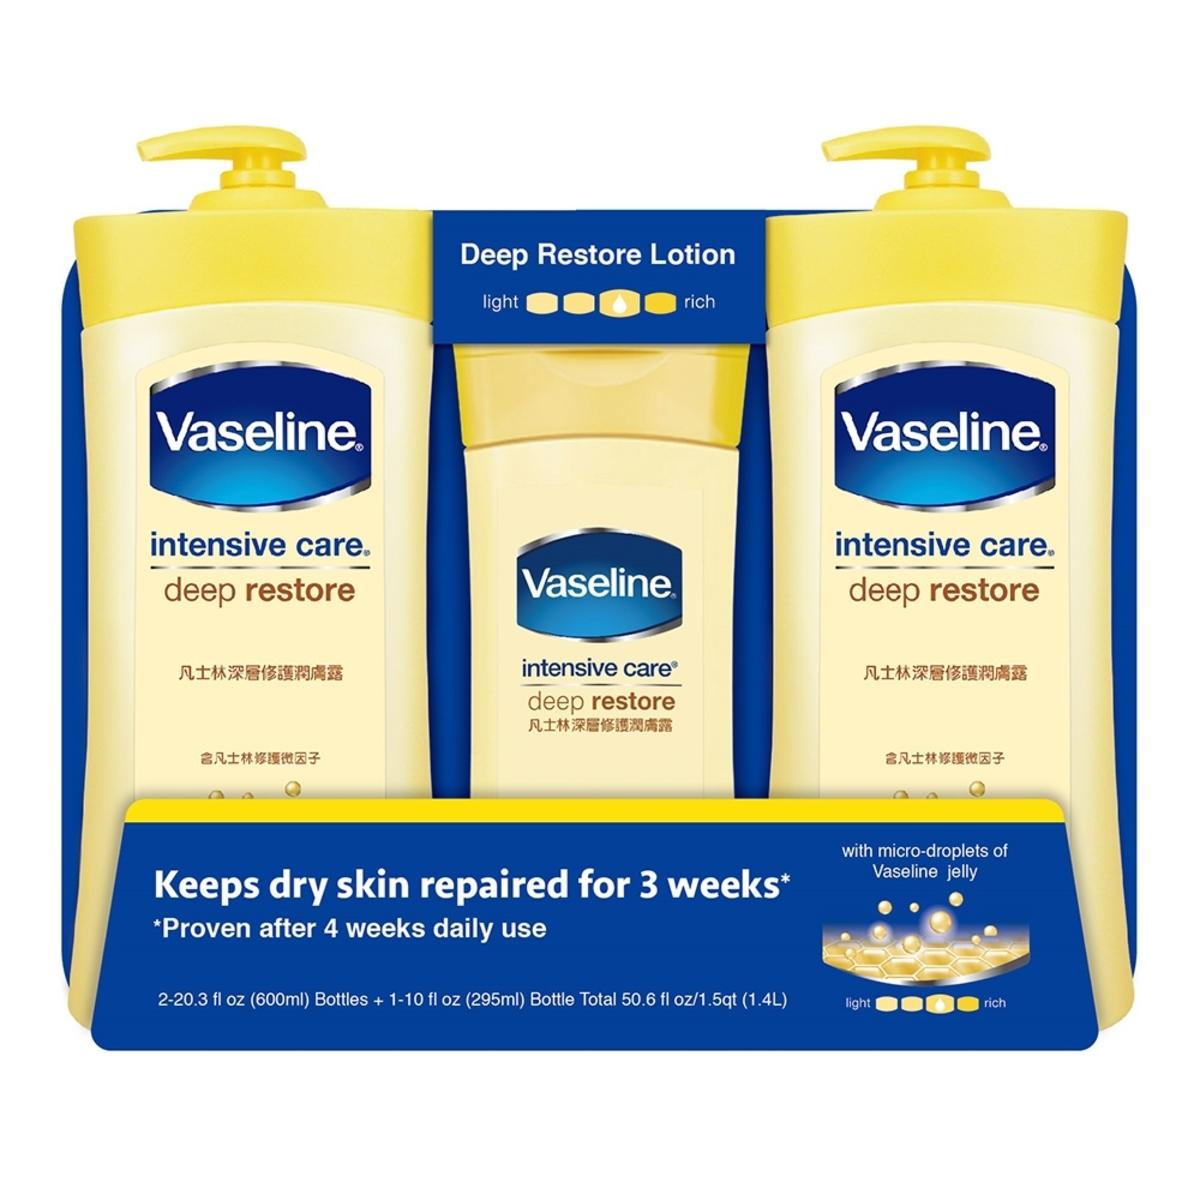 Vaseline 進口潤膚乳液組 600毫升 2入+ 295毫升 1入